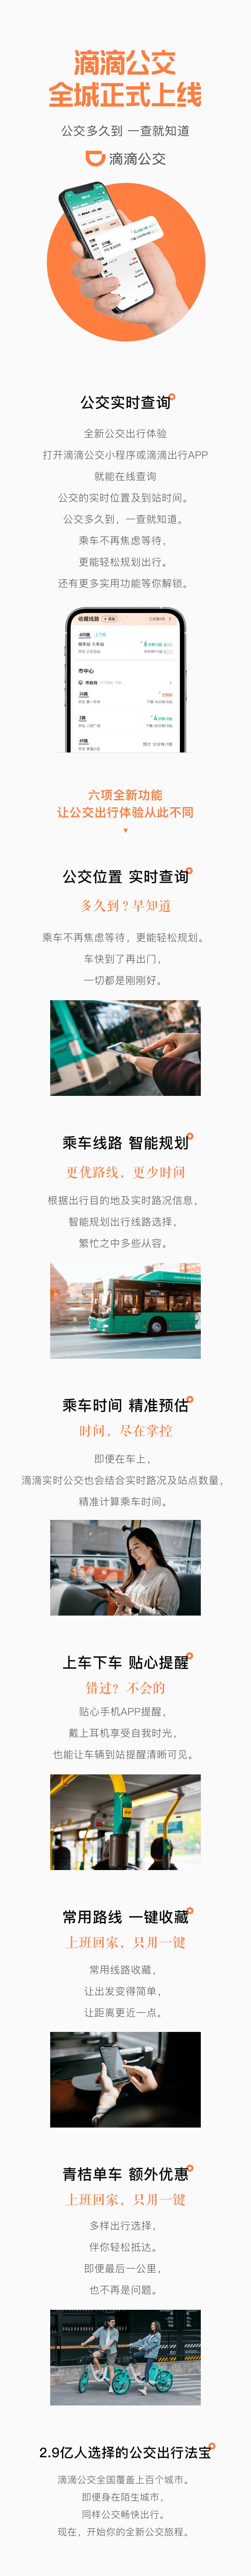 沐鸣3代理-首页【1.1.2】